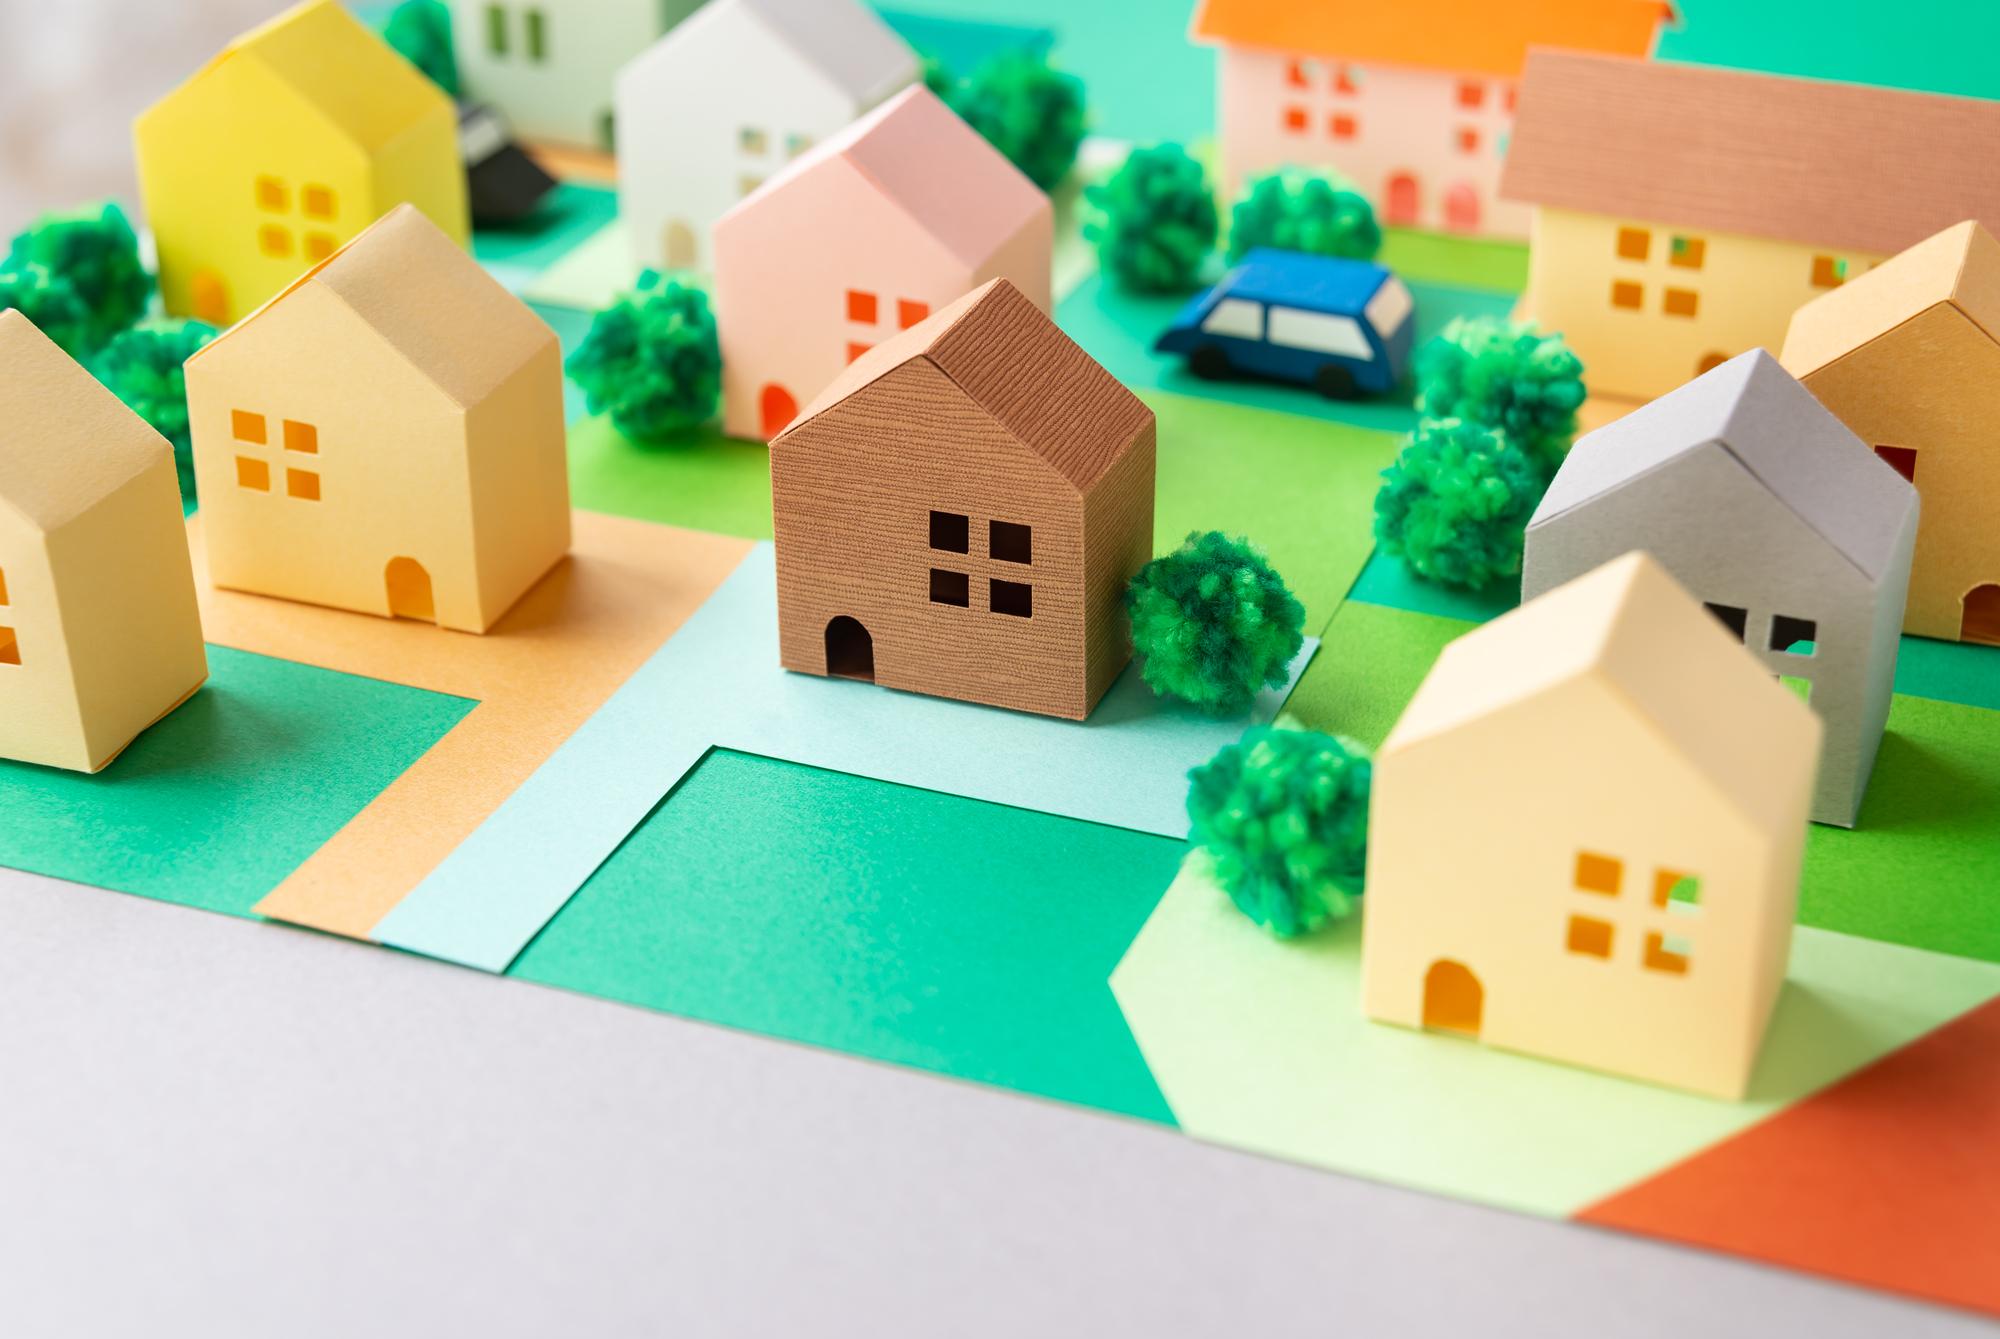 岐阜で家を建てたい人必見!土地探しのコツは?建築面積・延生面積・敷地面積の意味や違いも解説